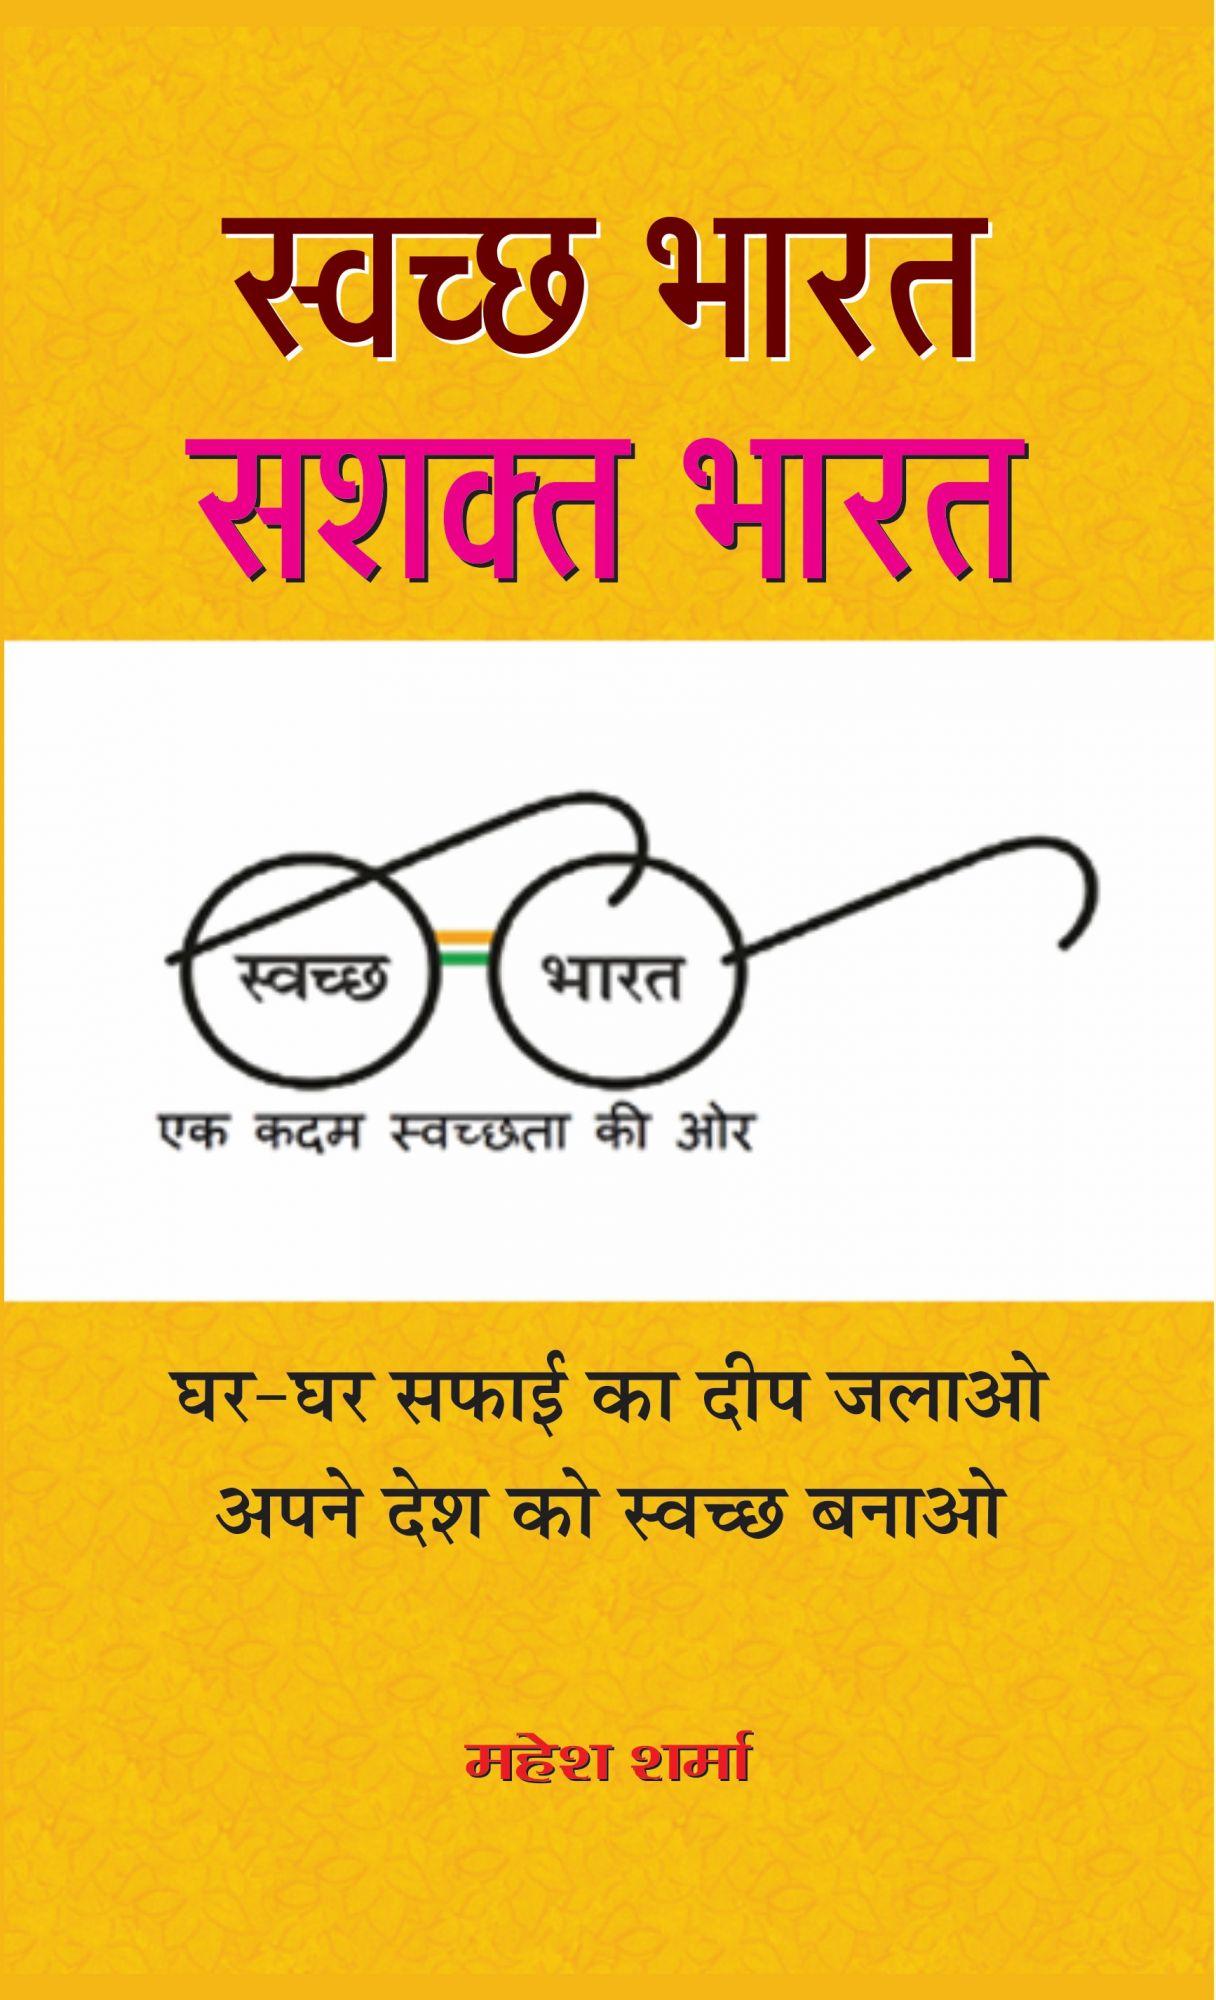 SWACHCHHA BHARAT : SASHAKTA BHARAT